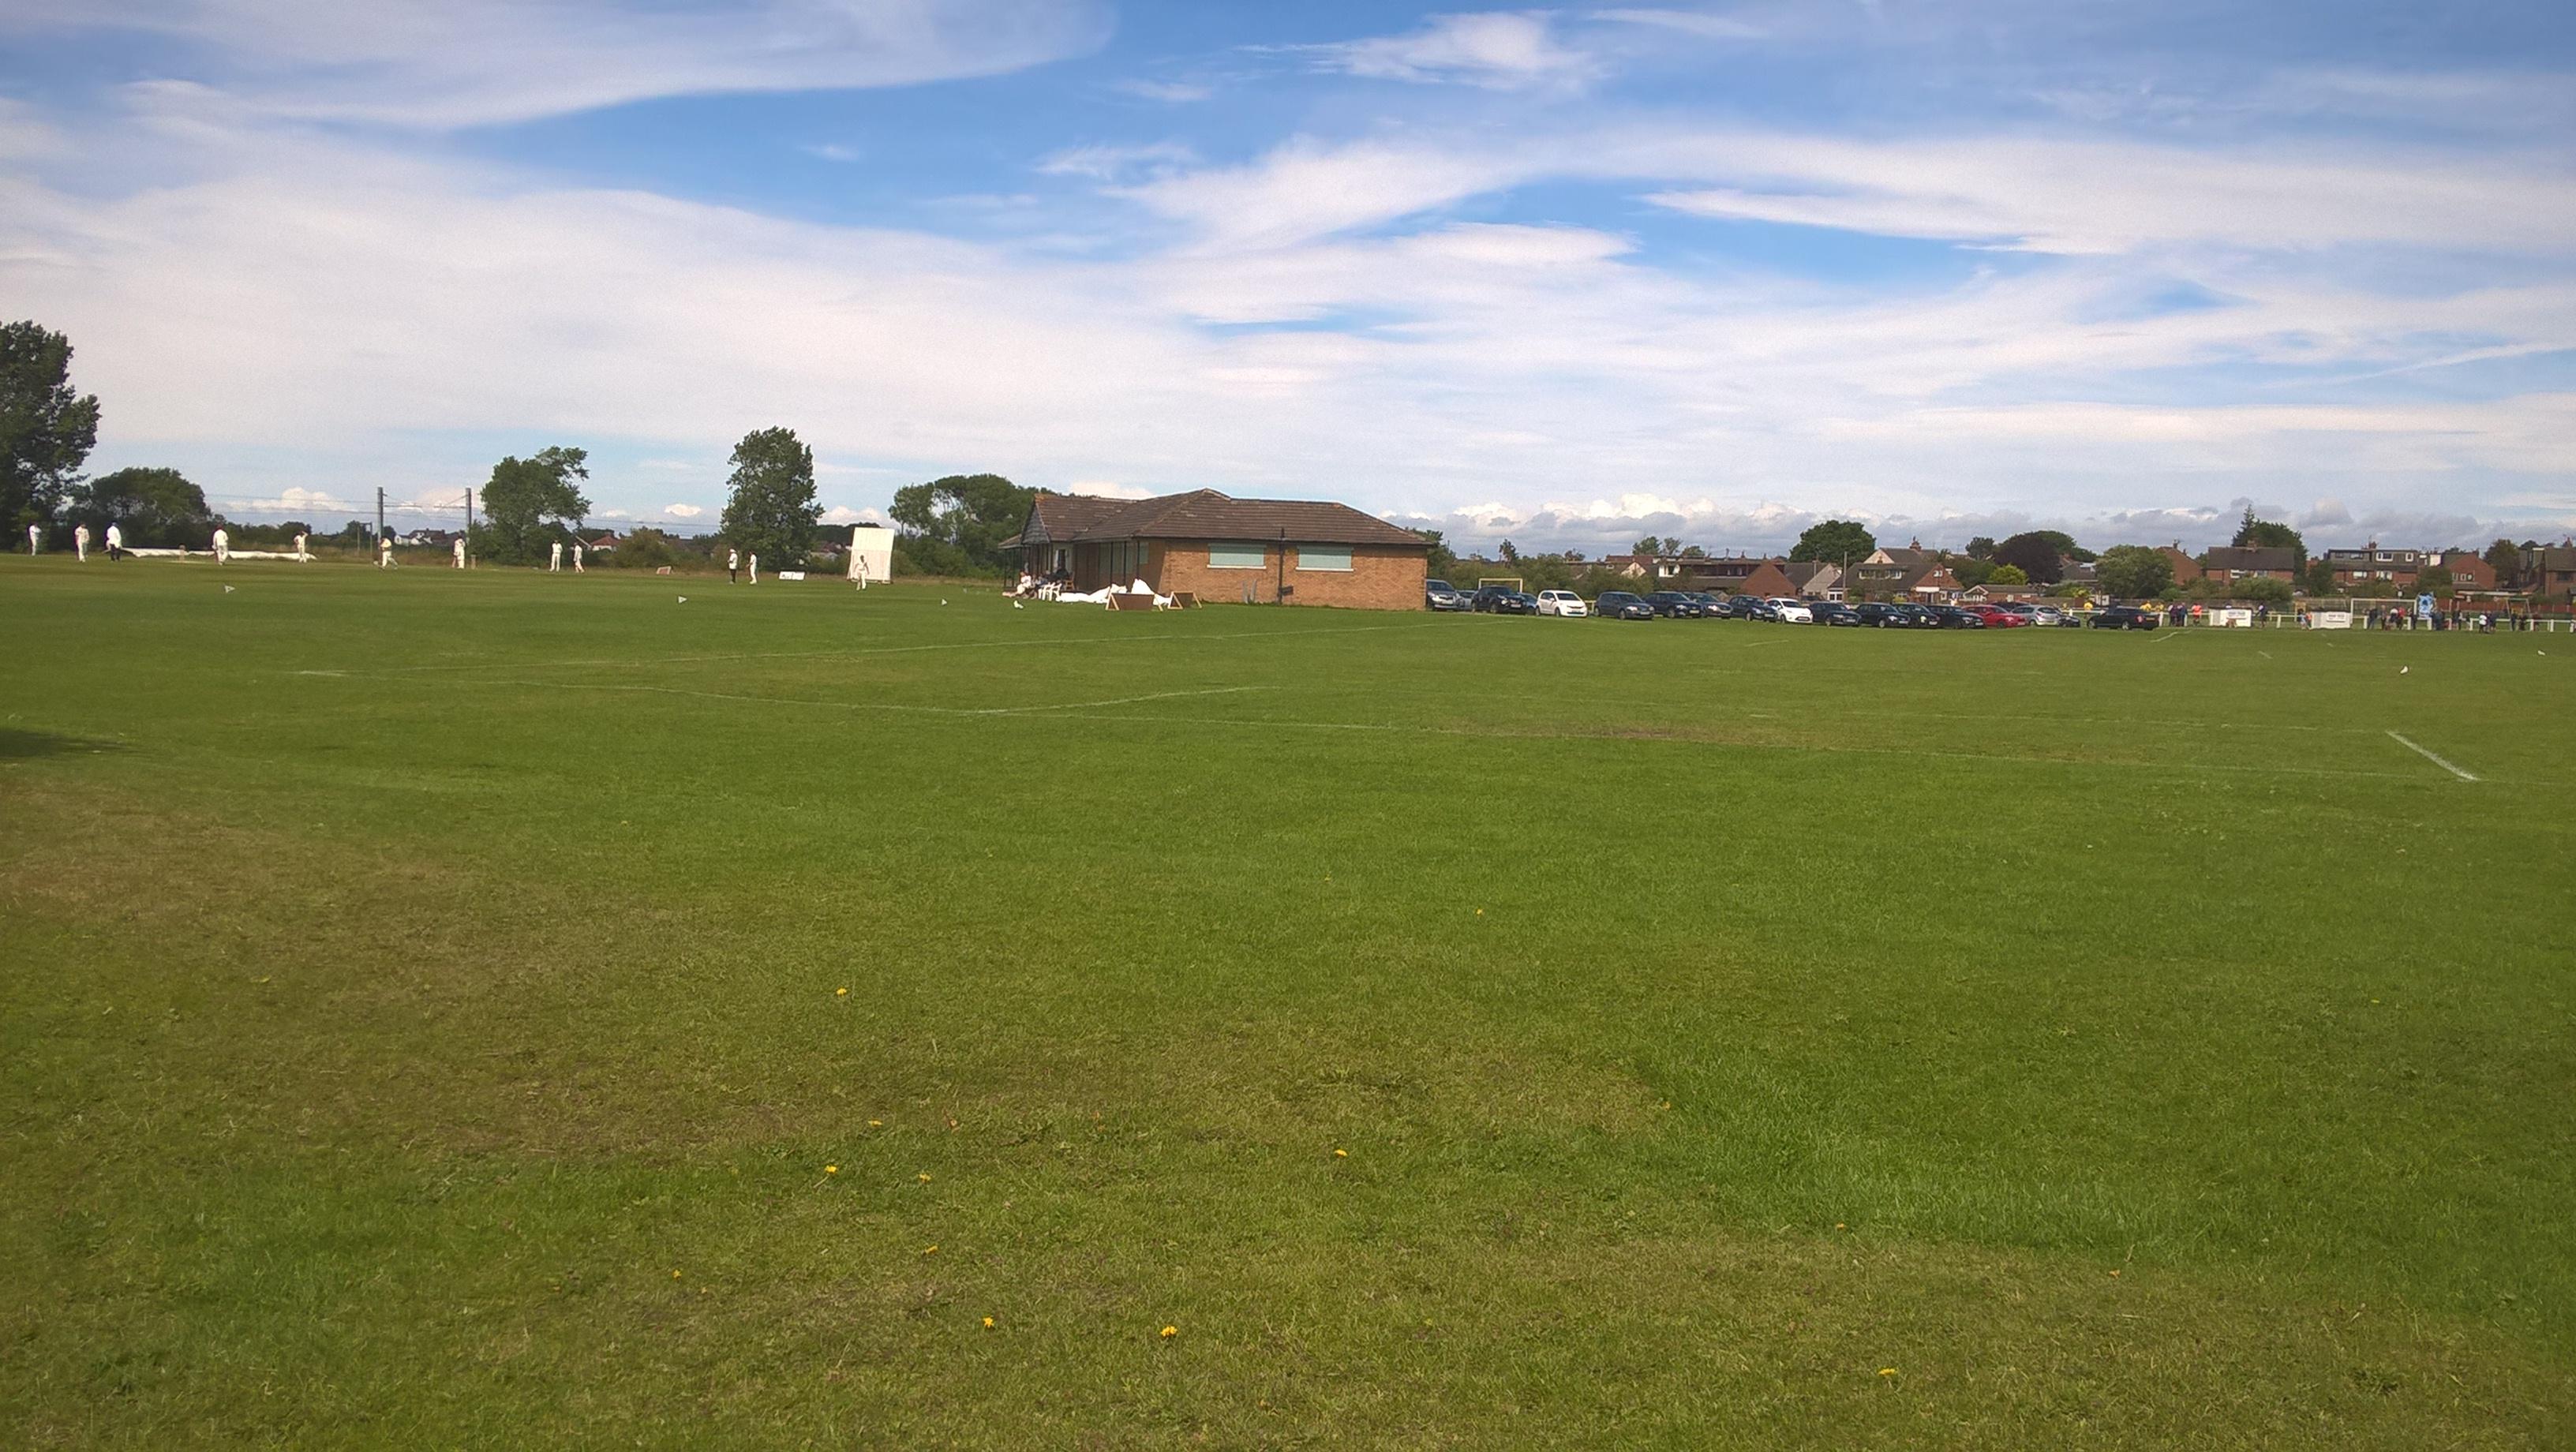 cottam hall playing fields poulton le fylde